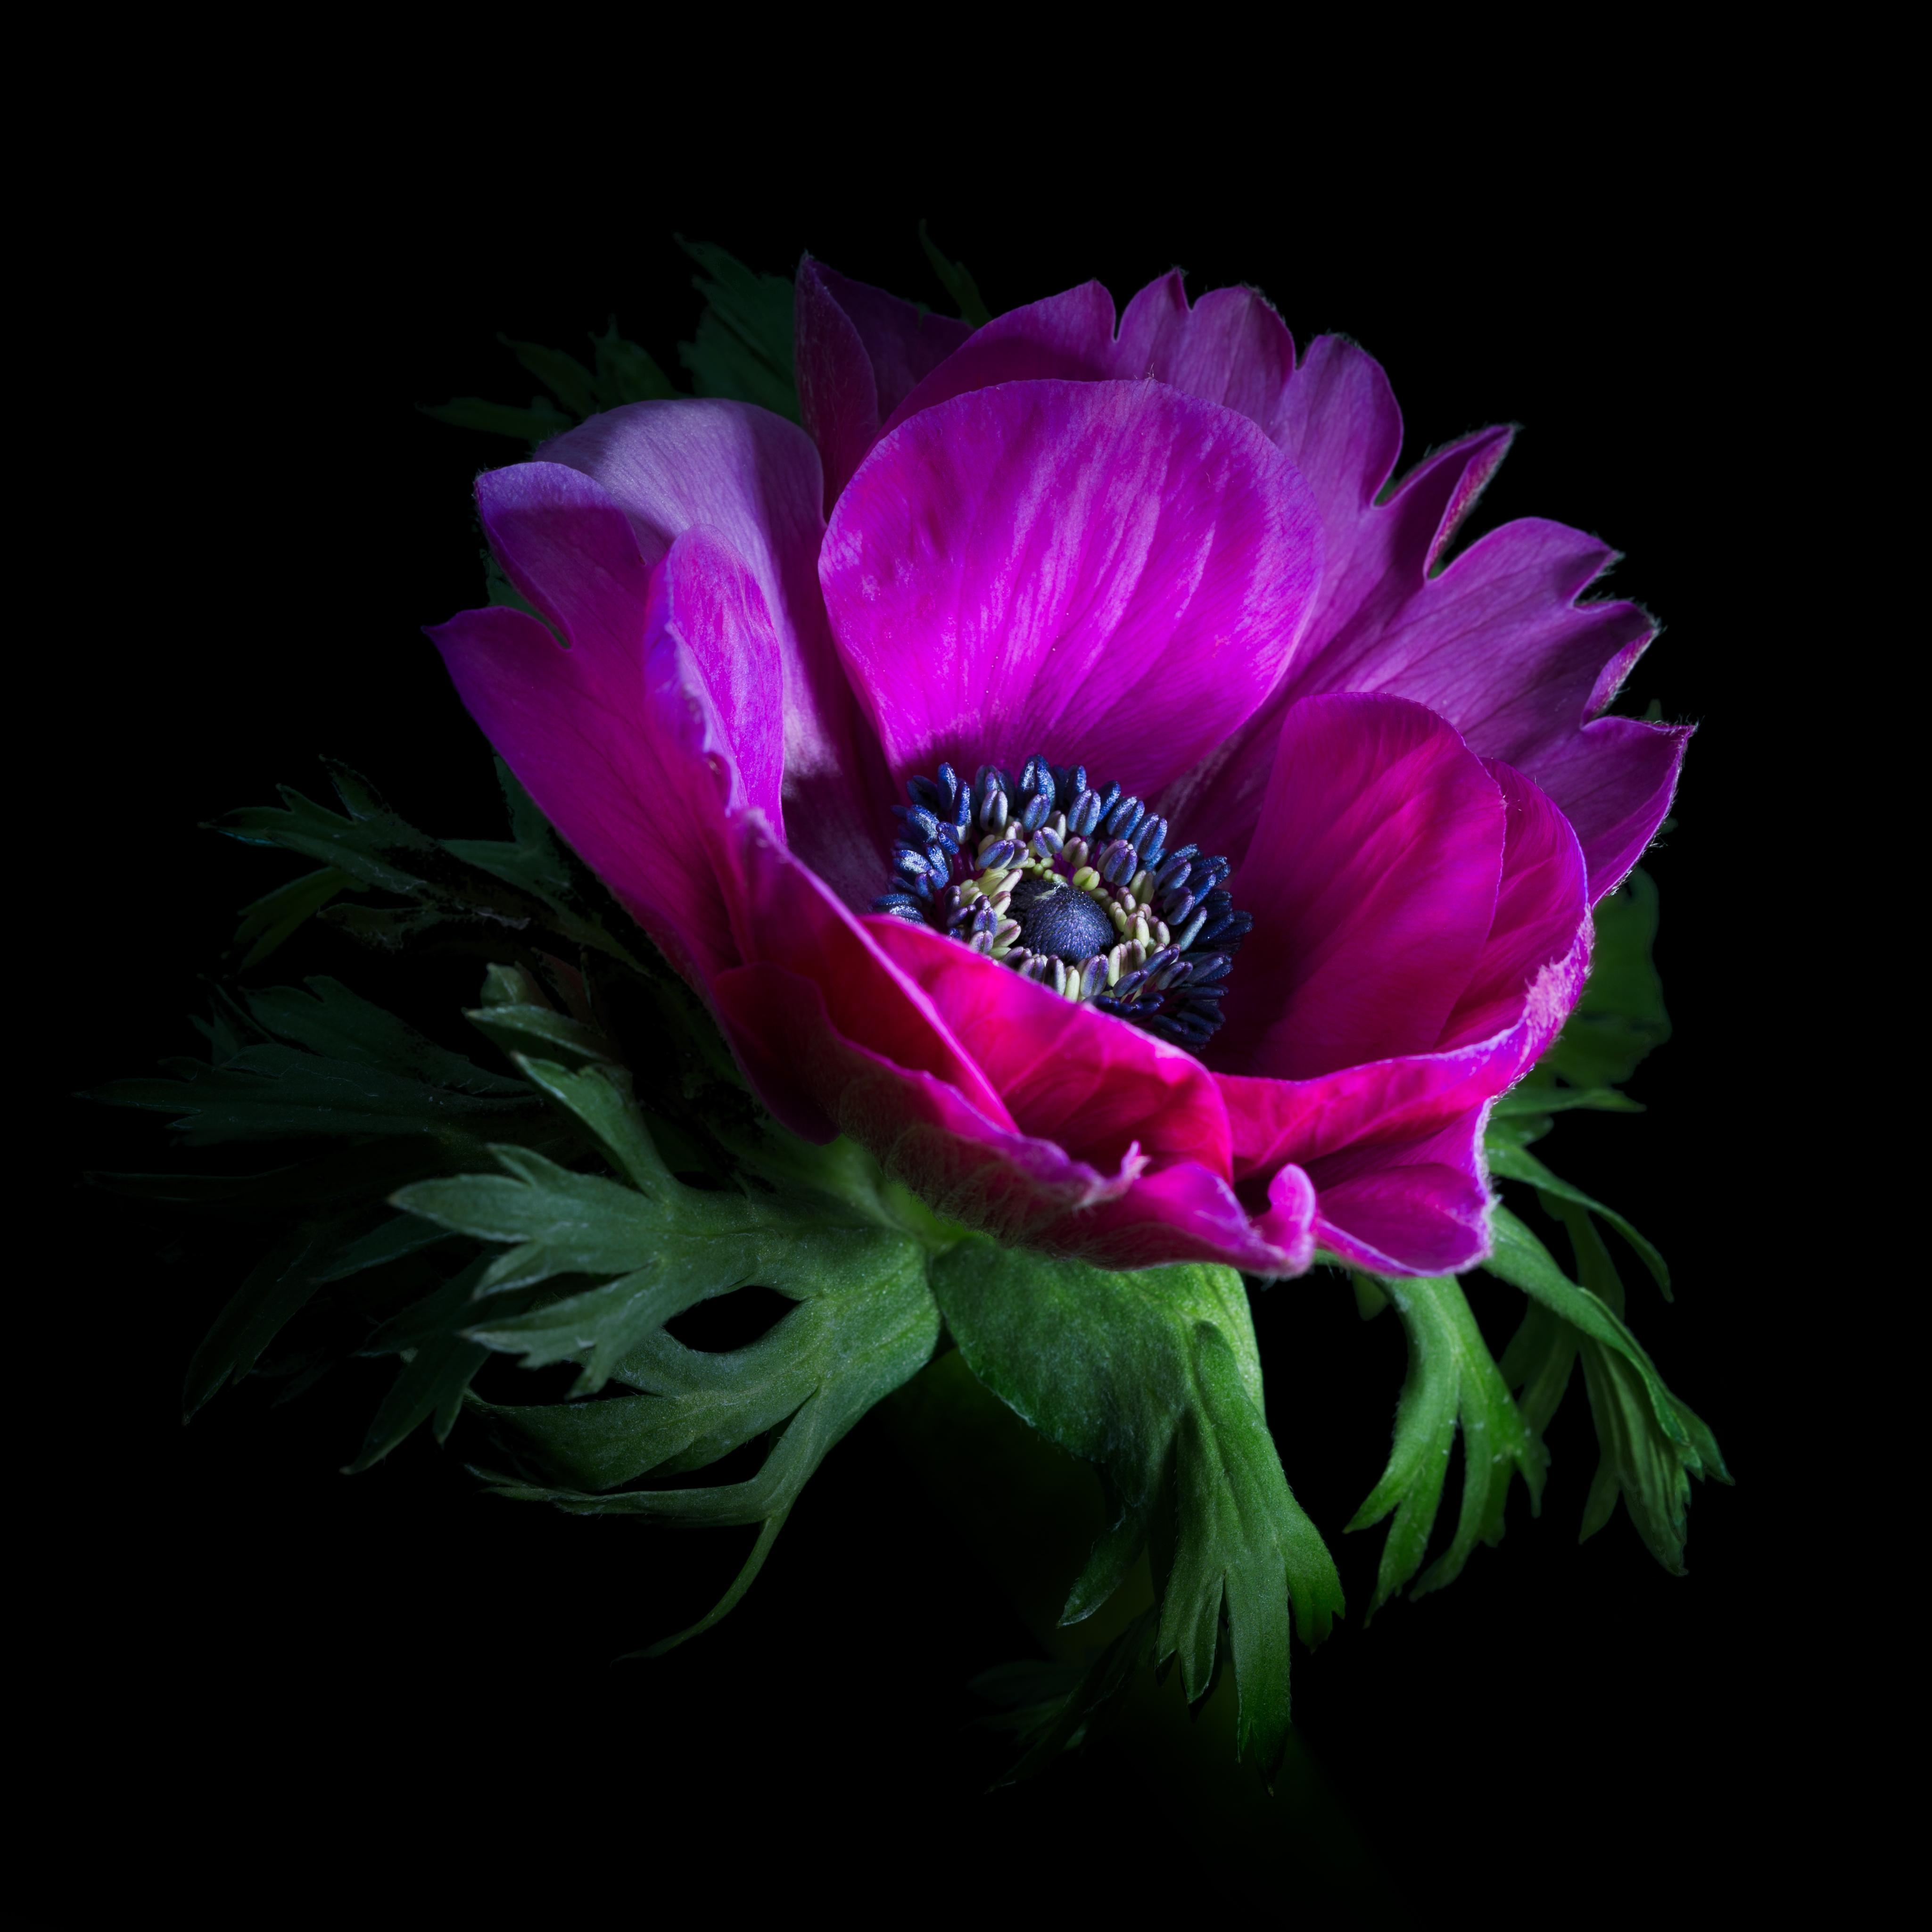 Картинки фиолетовый цветок на черном фоне